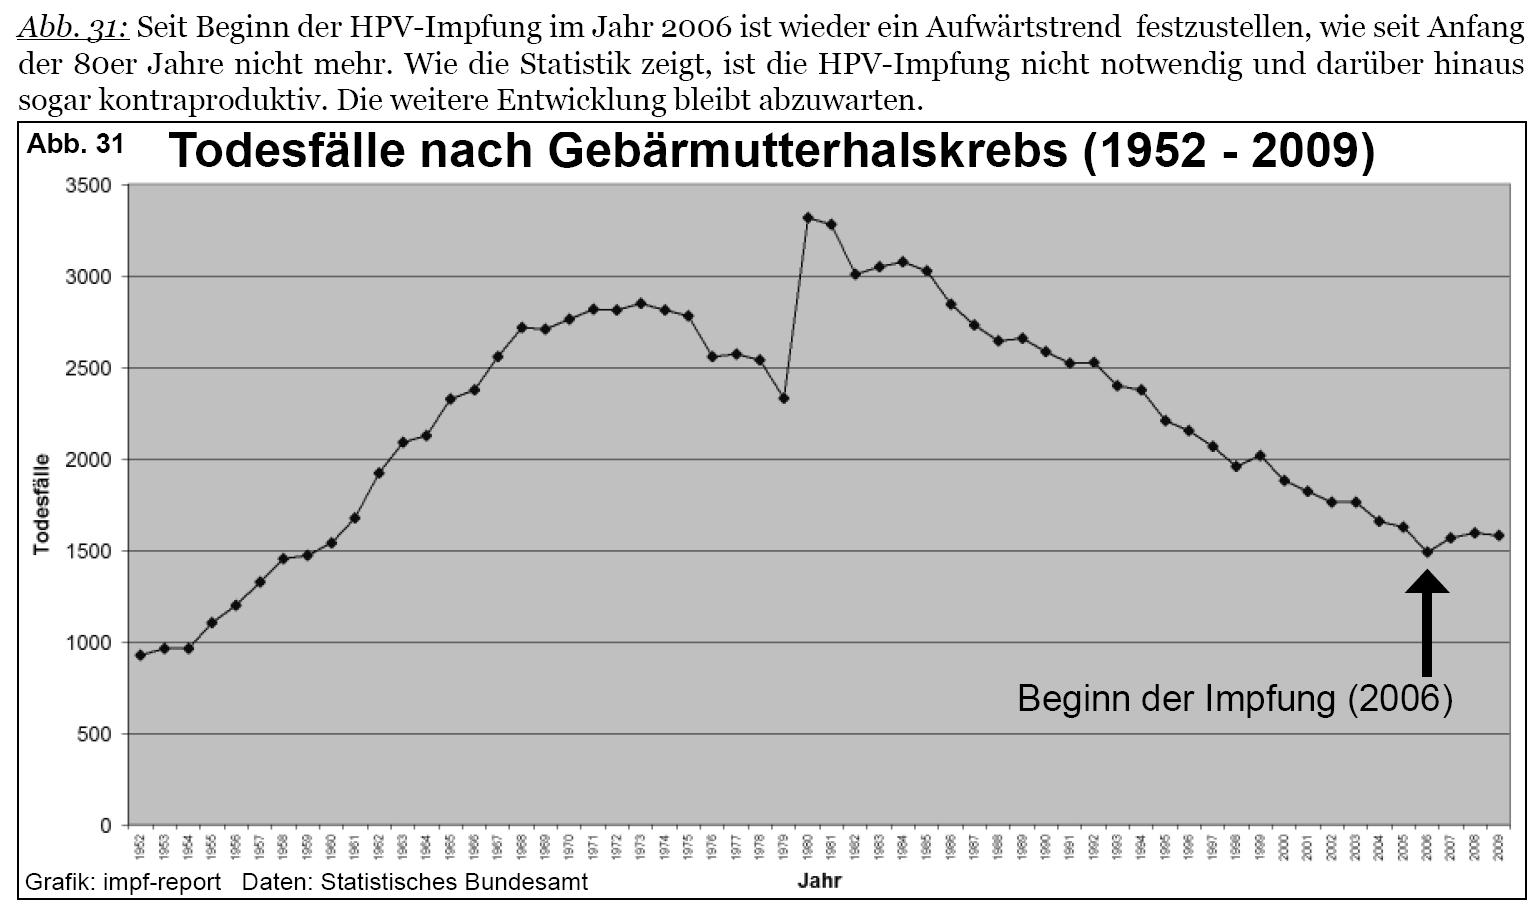 hpv impfung meinungen